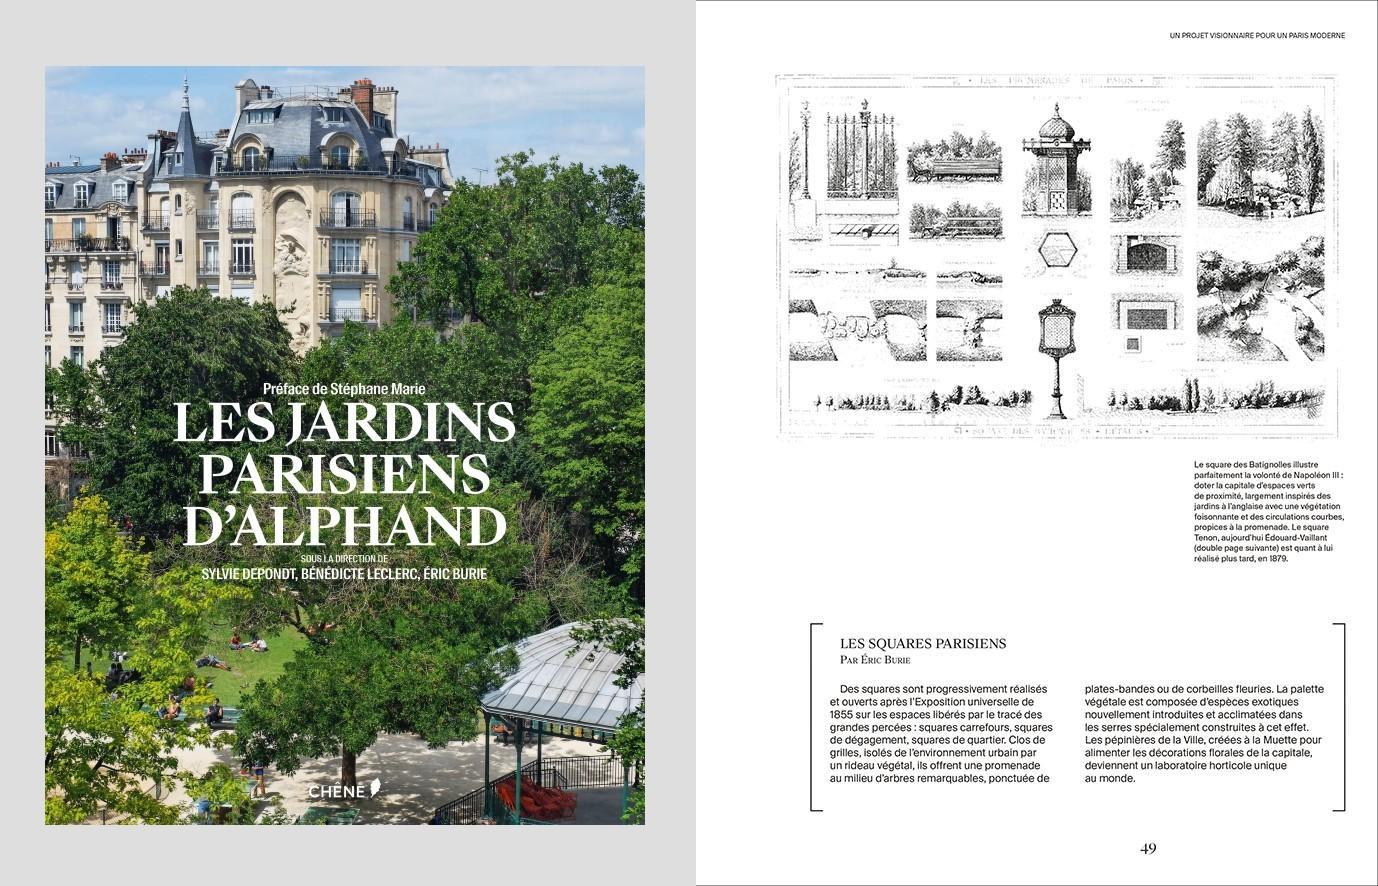 Les jardins parisiens d\'Alphand